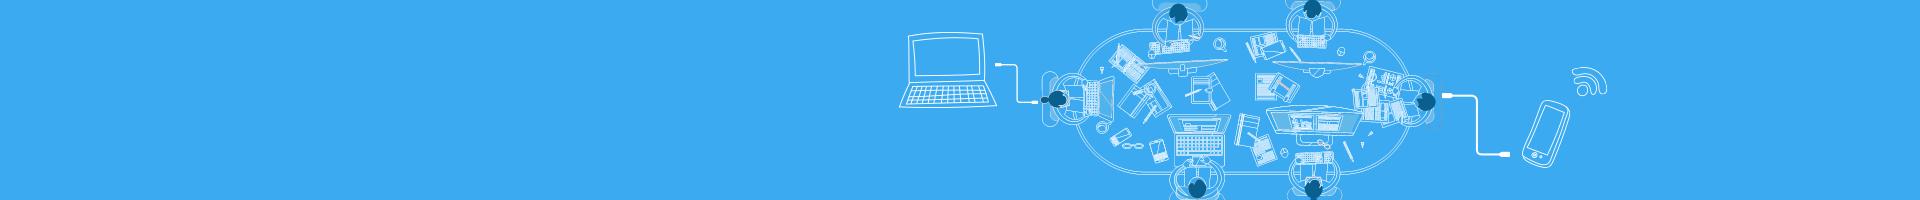 互联网企业 办公网解决方案